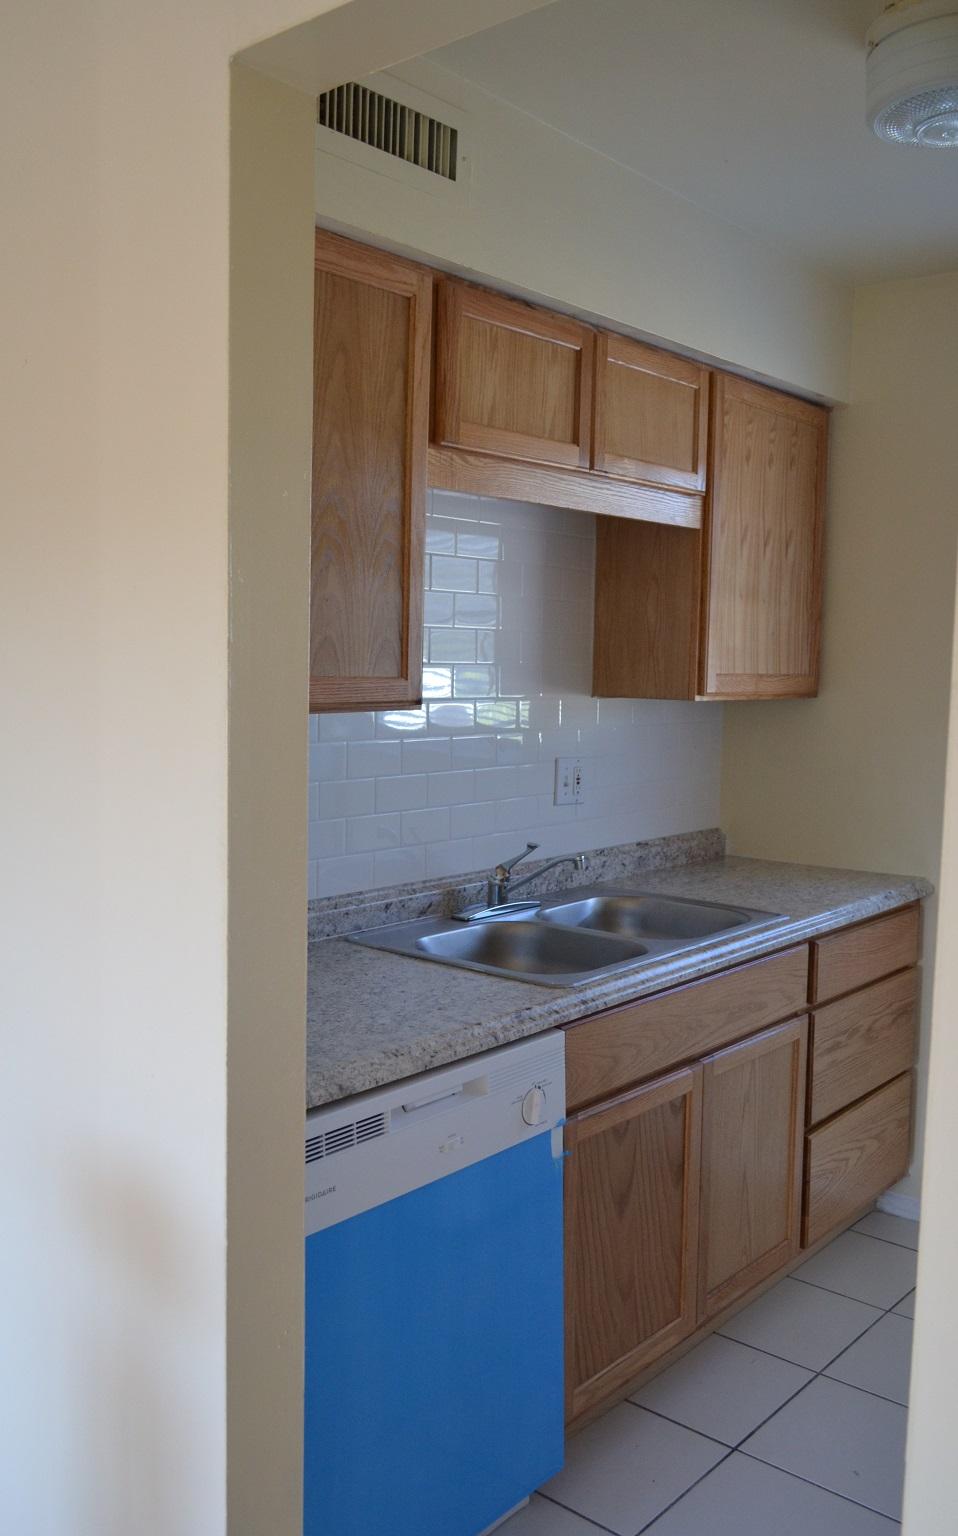 1 bed 1 bath updated kitchen. Midway Court   Largo   Clearwater  Florida   Apartment Rentals